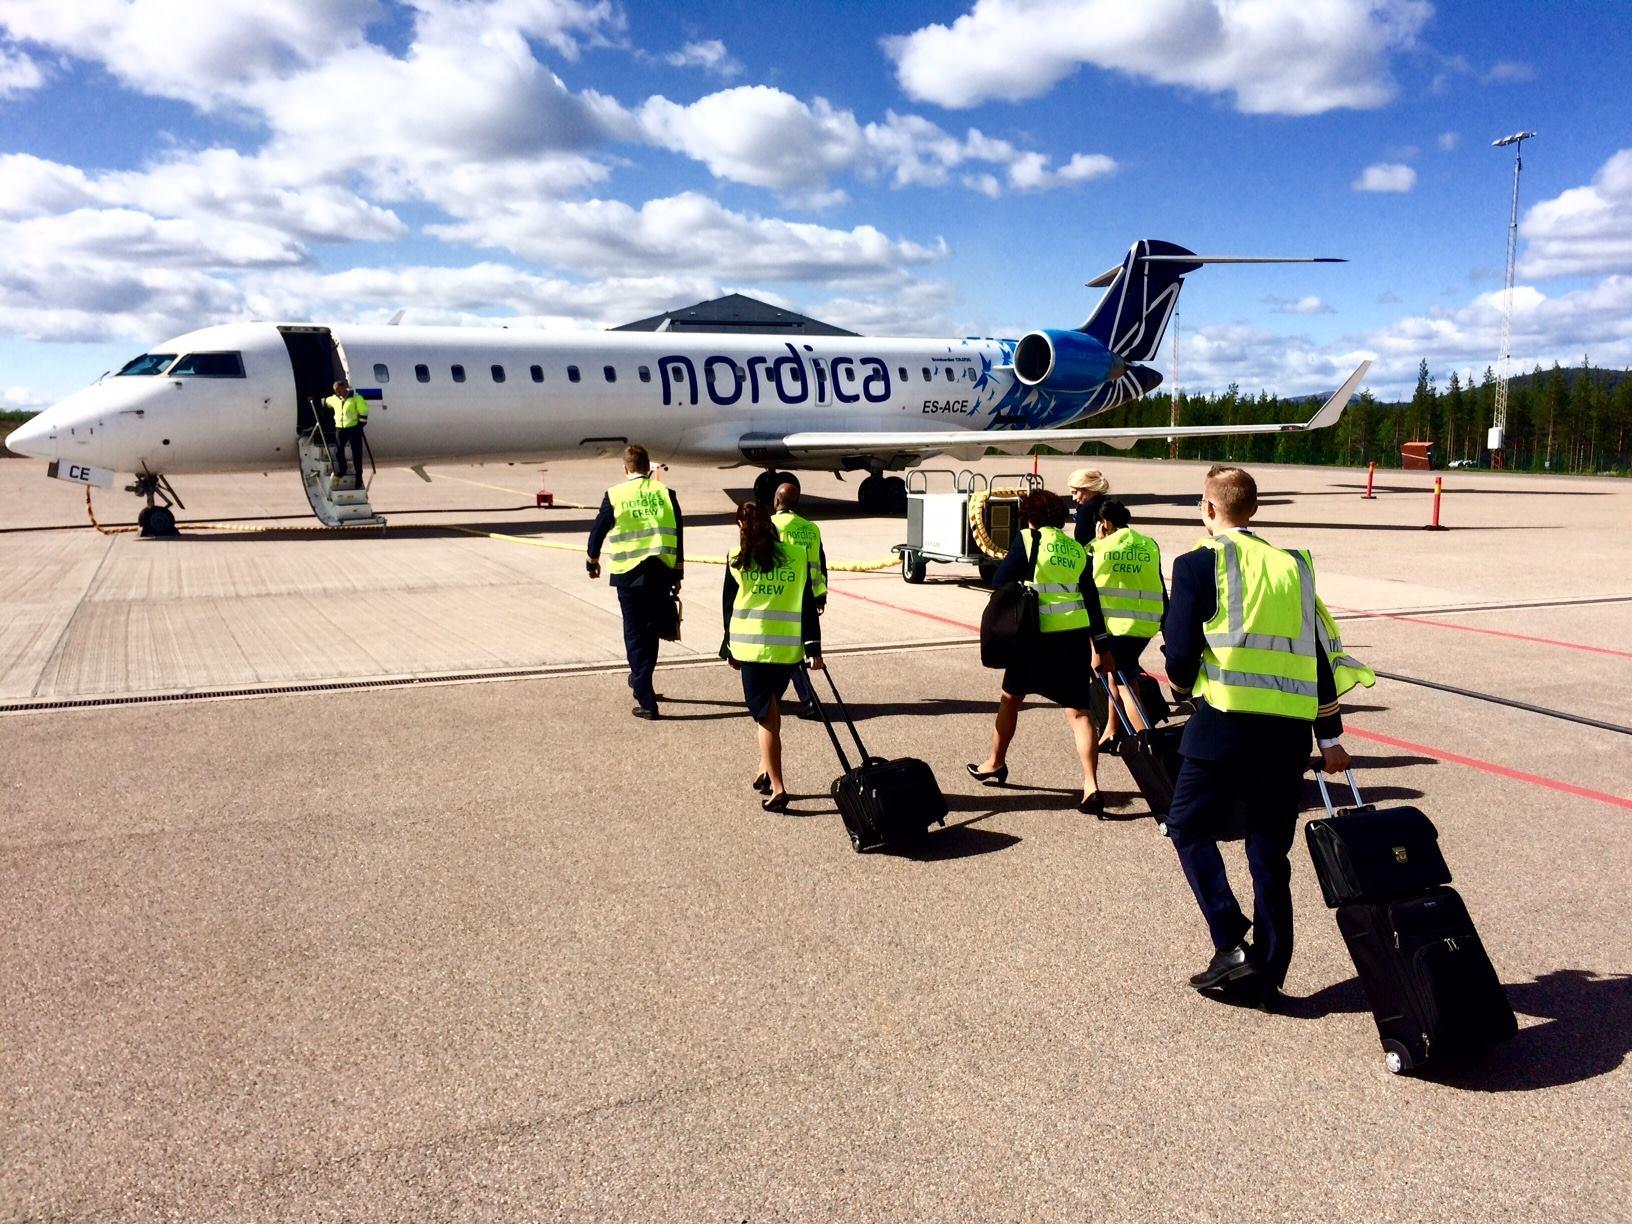 Nordica CRJ900. (Foto: Nordica)